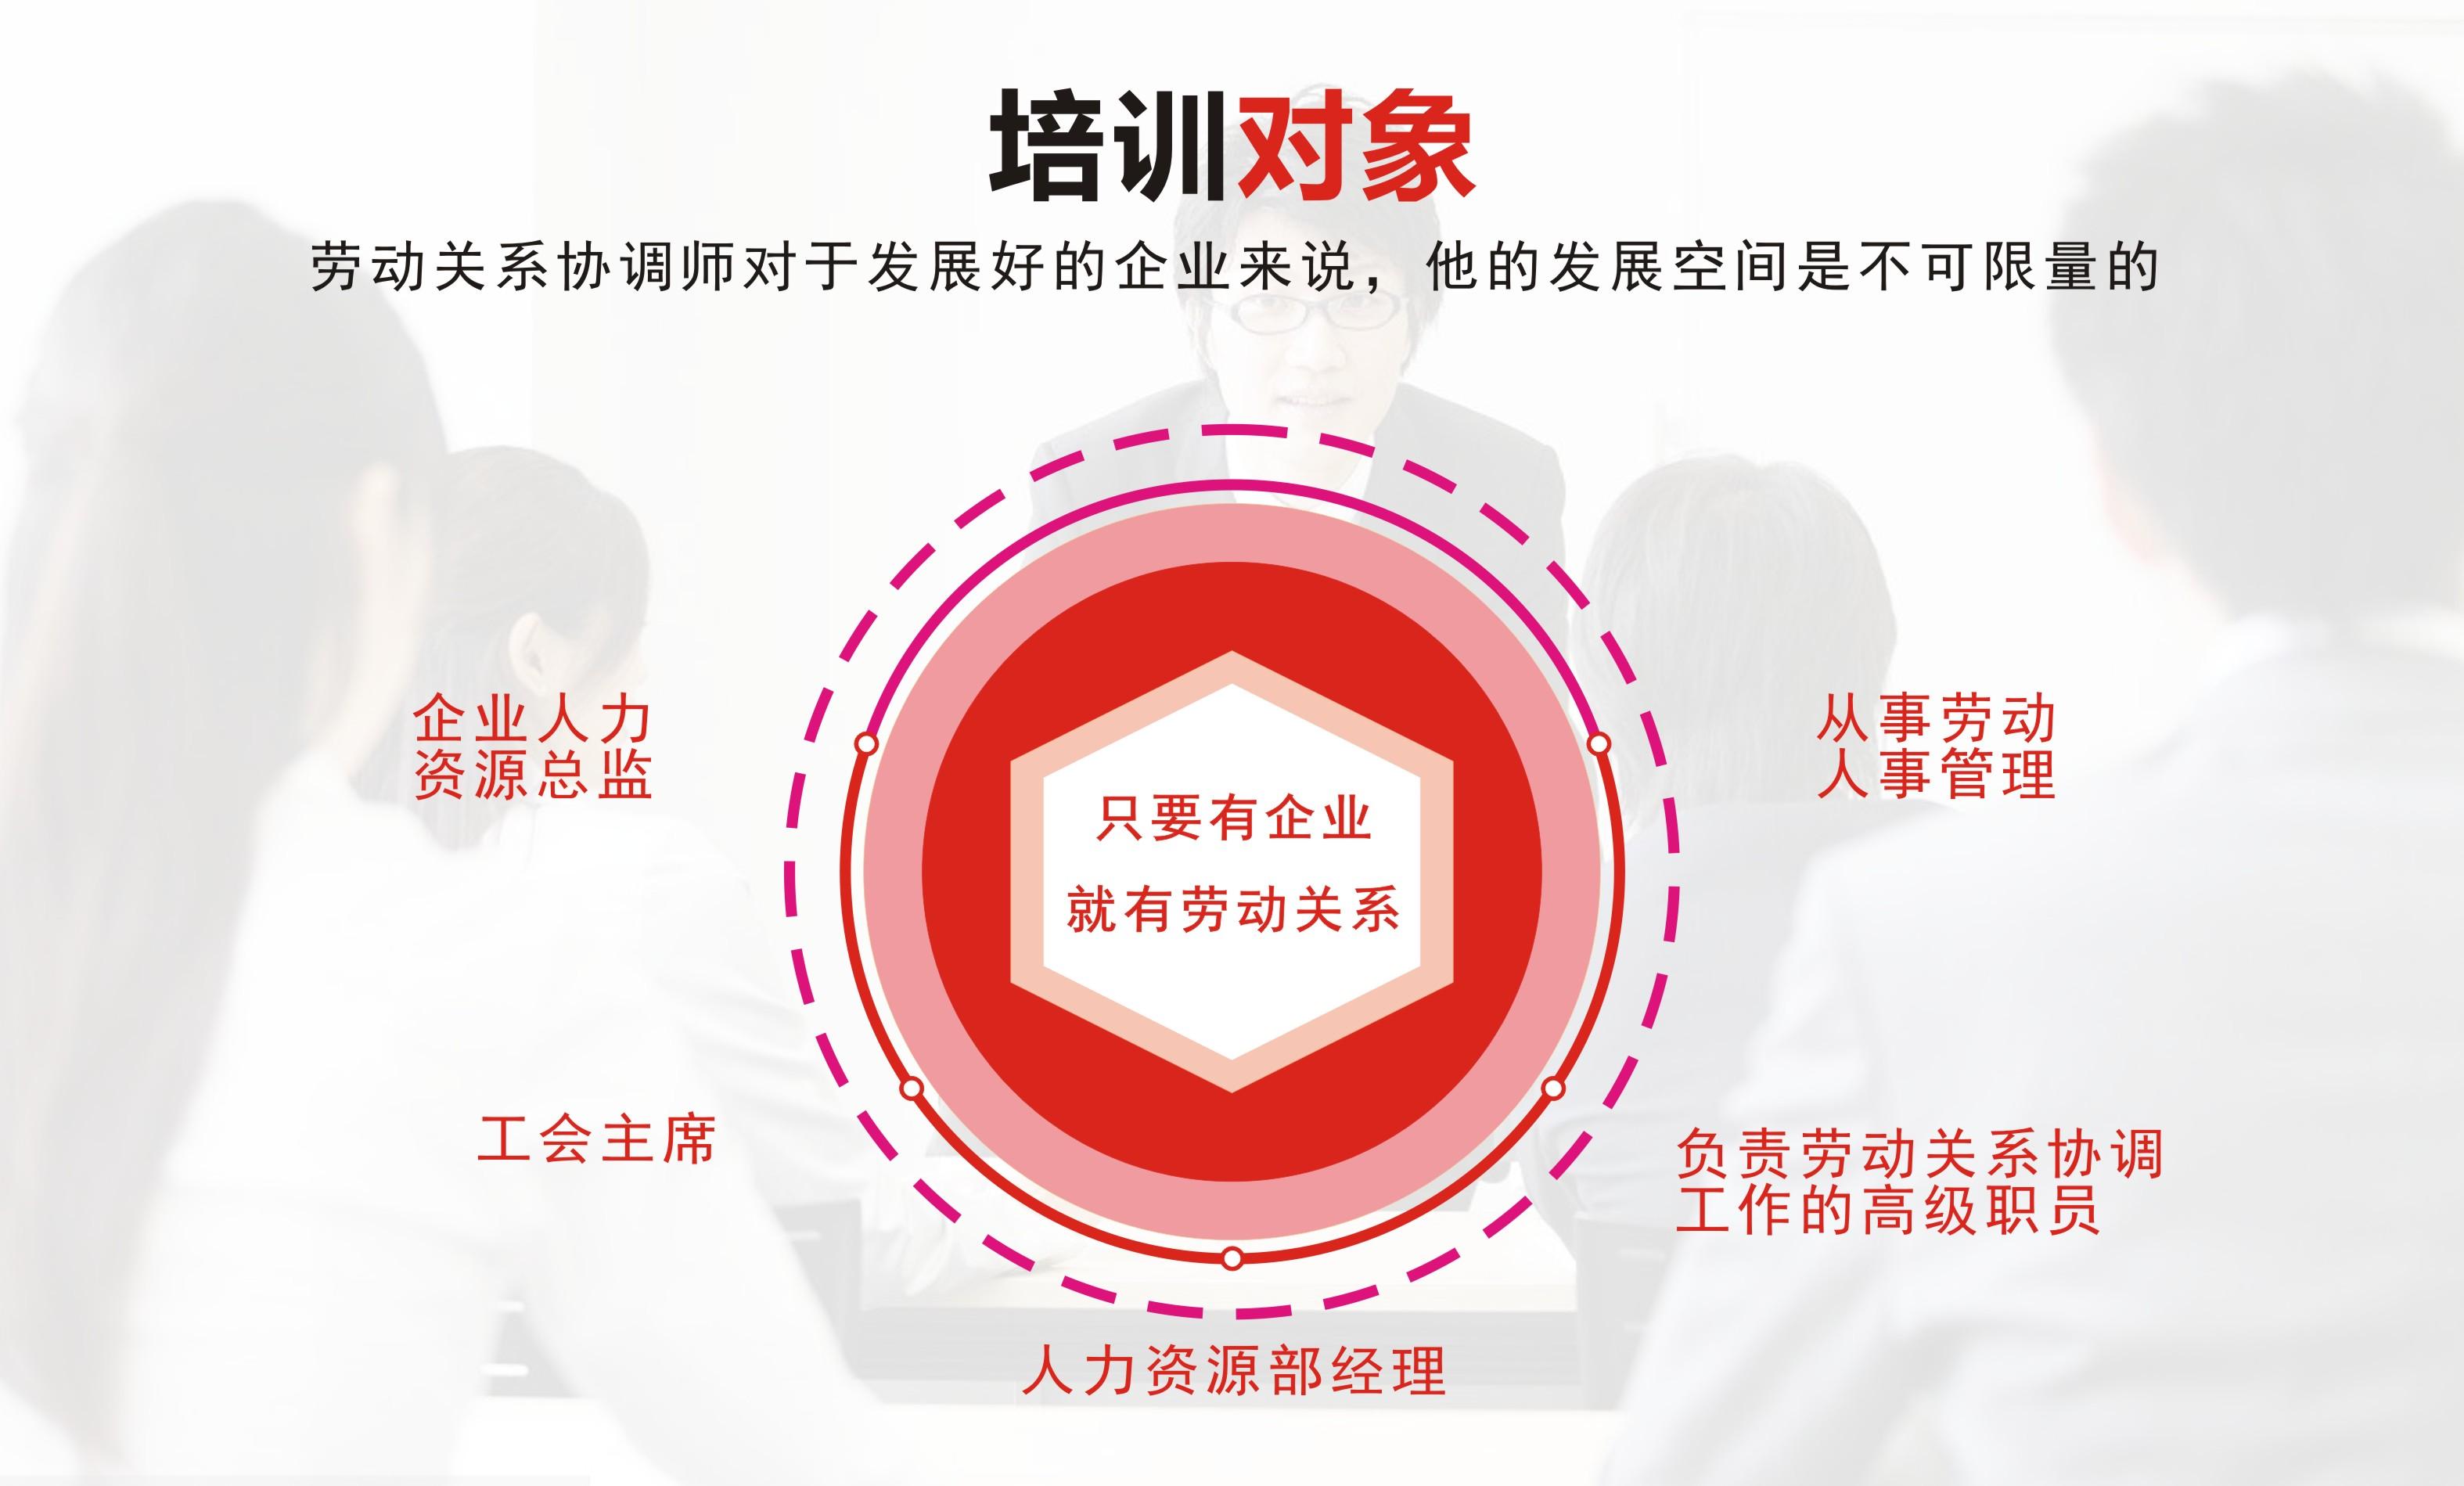 劳动关系协调师培养对象 - 南粤人才网